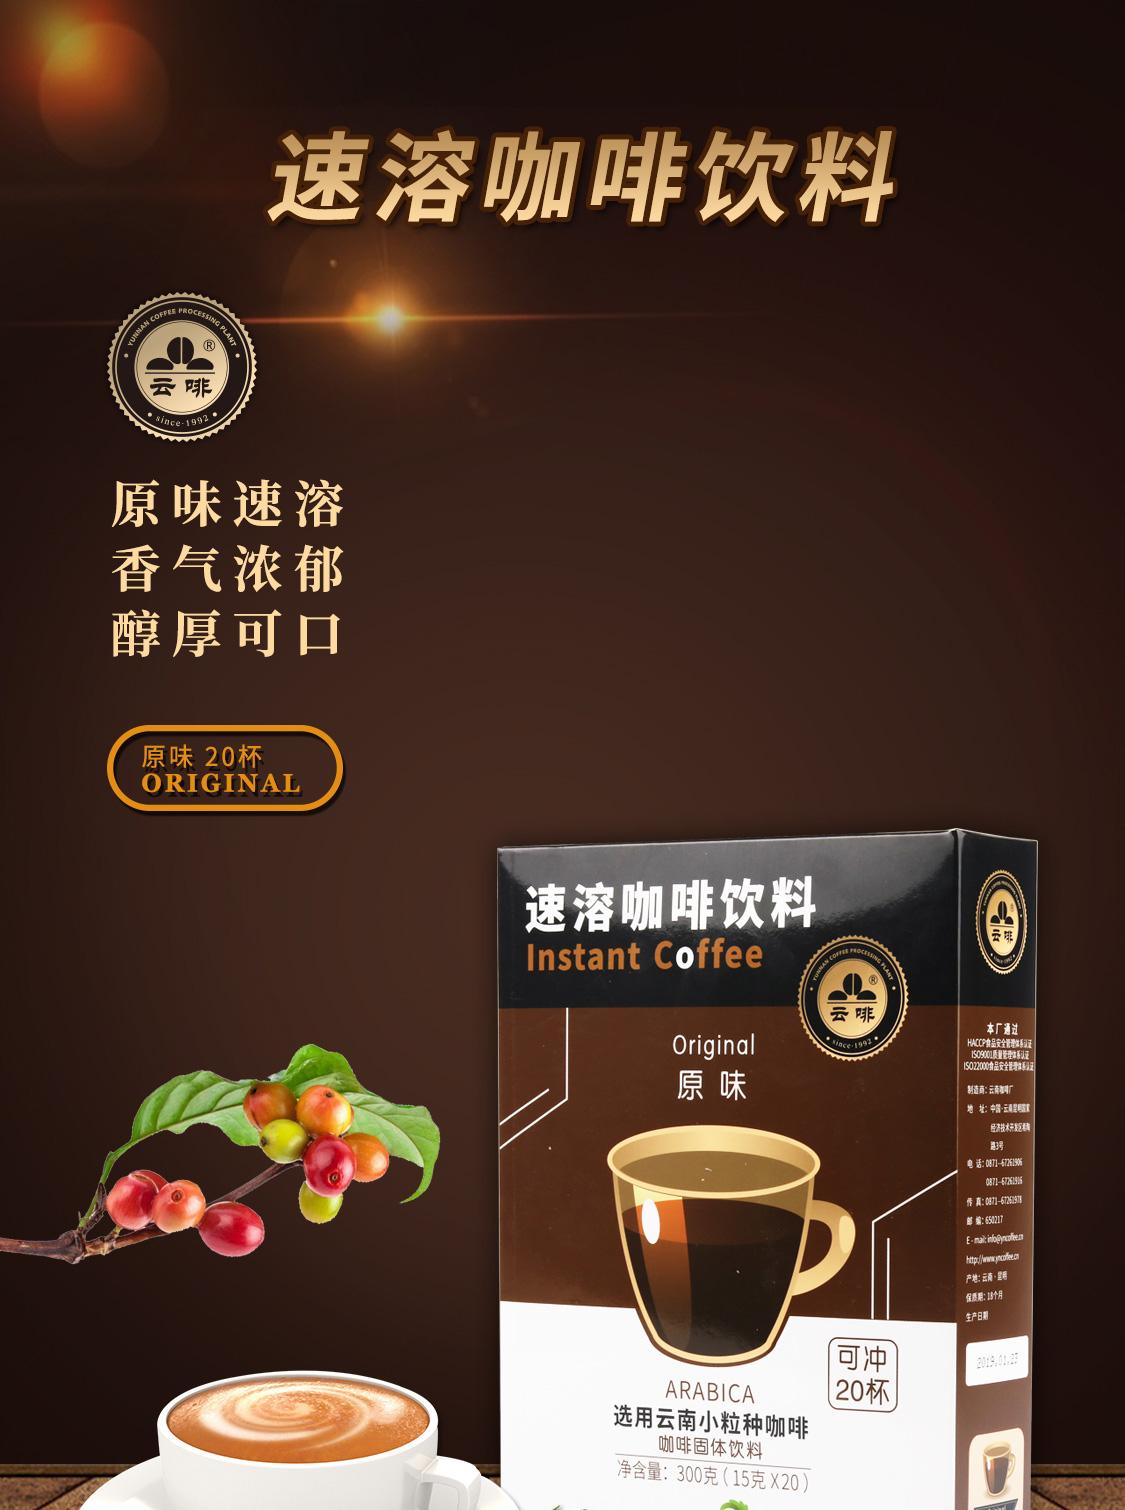 原味速溶咖啡大盒装_01.jpg